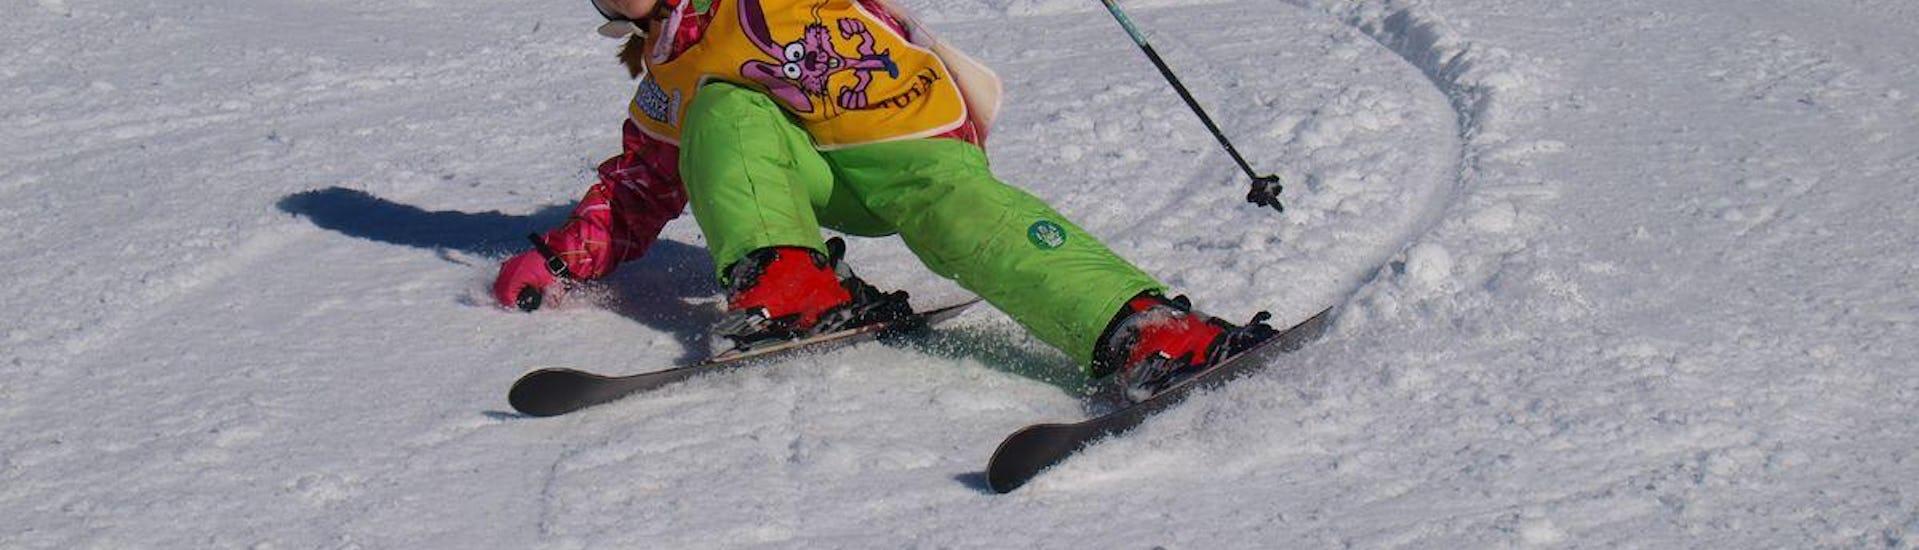 """Skilessen """"Hele dag"""" voor kinderen (3-14) - Alle niveaus"""